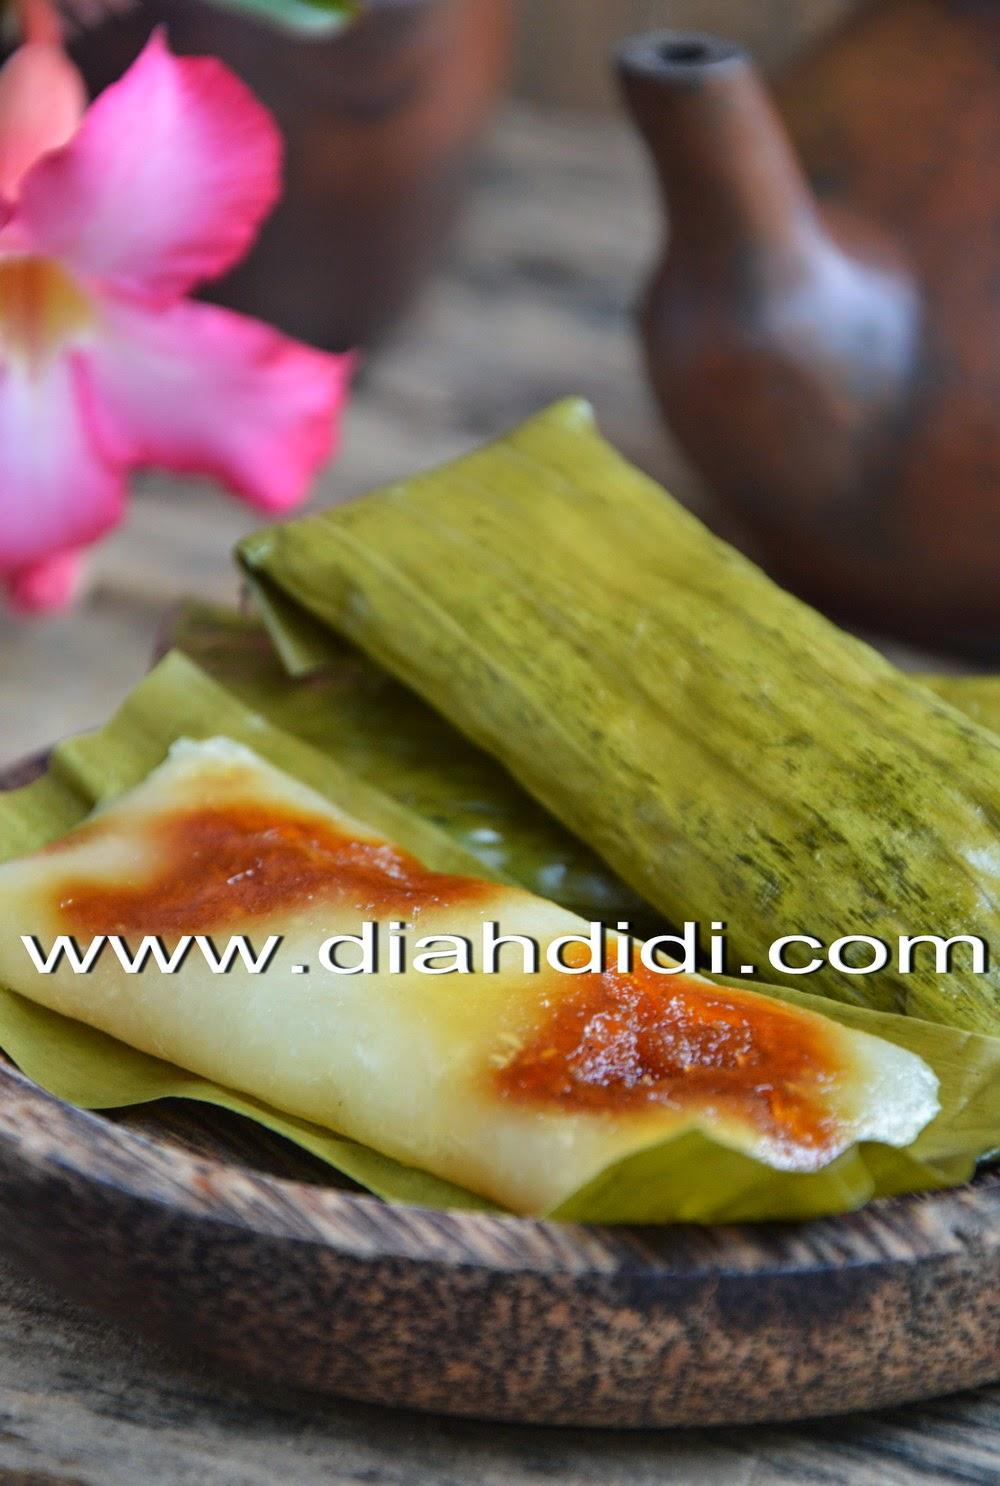 Diah Didis Kitchen Lemet Singkong